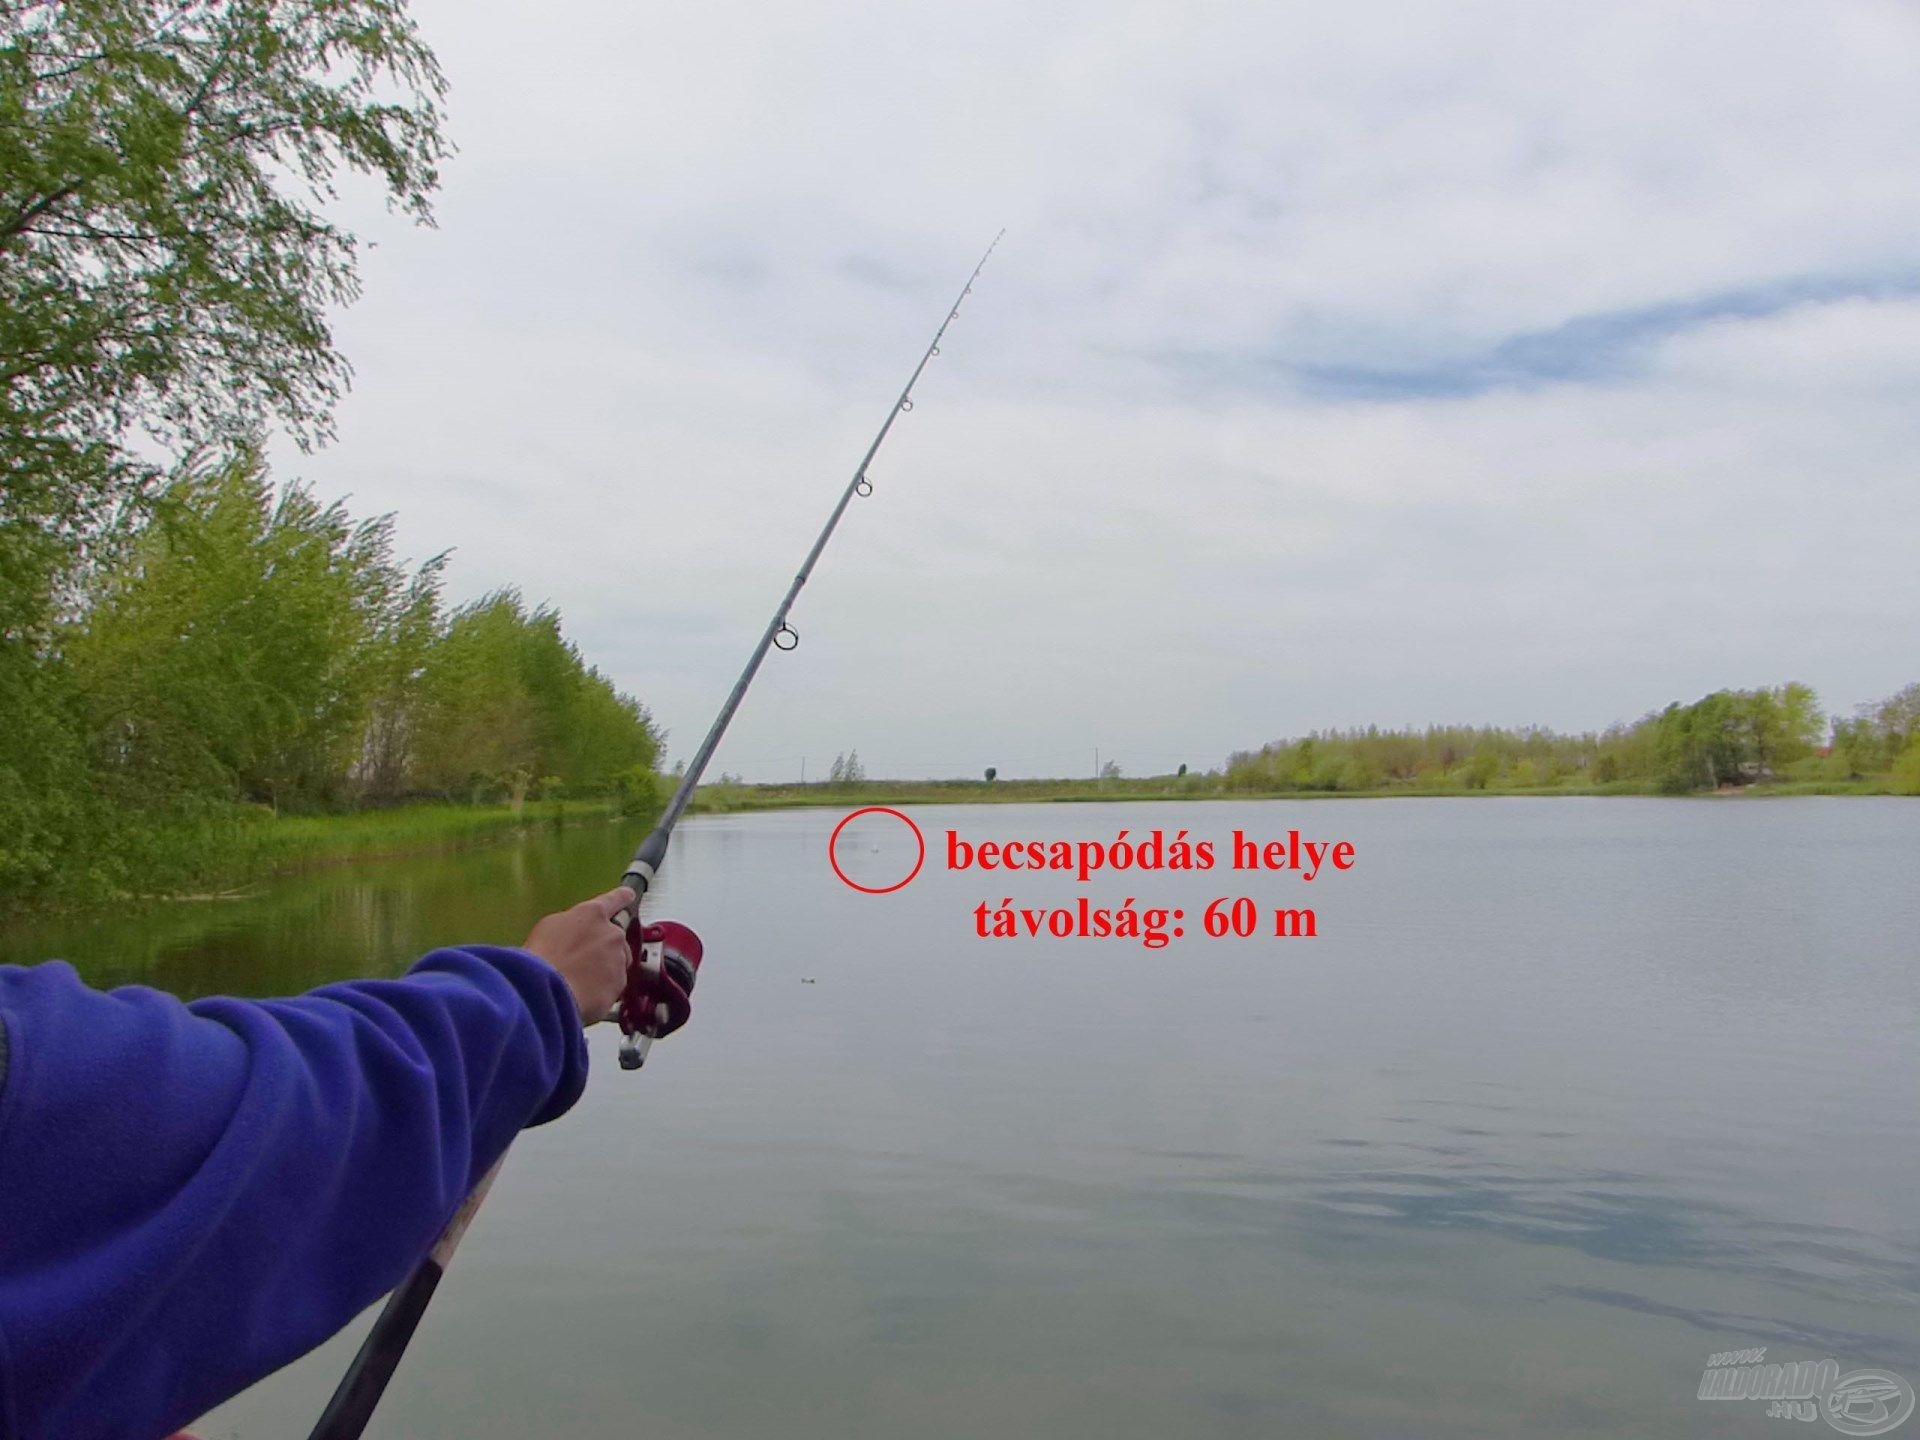 Erről a helyről horgászva nem kell távolra dobni, 50-60 méter a legtöbb esetben elegendő